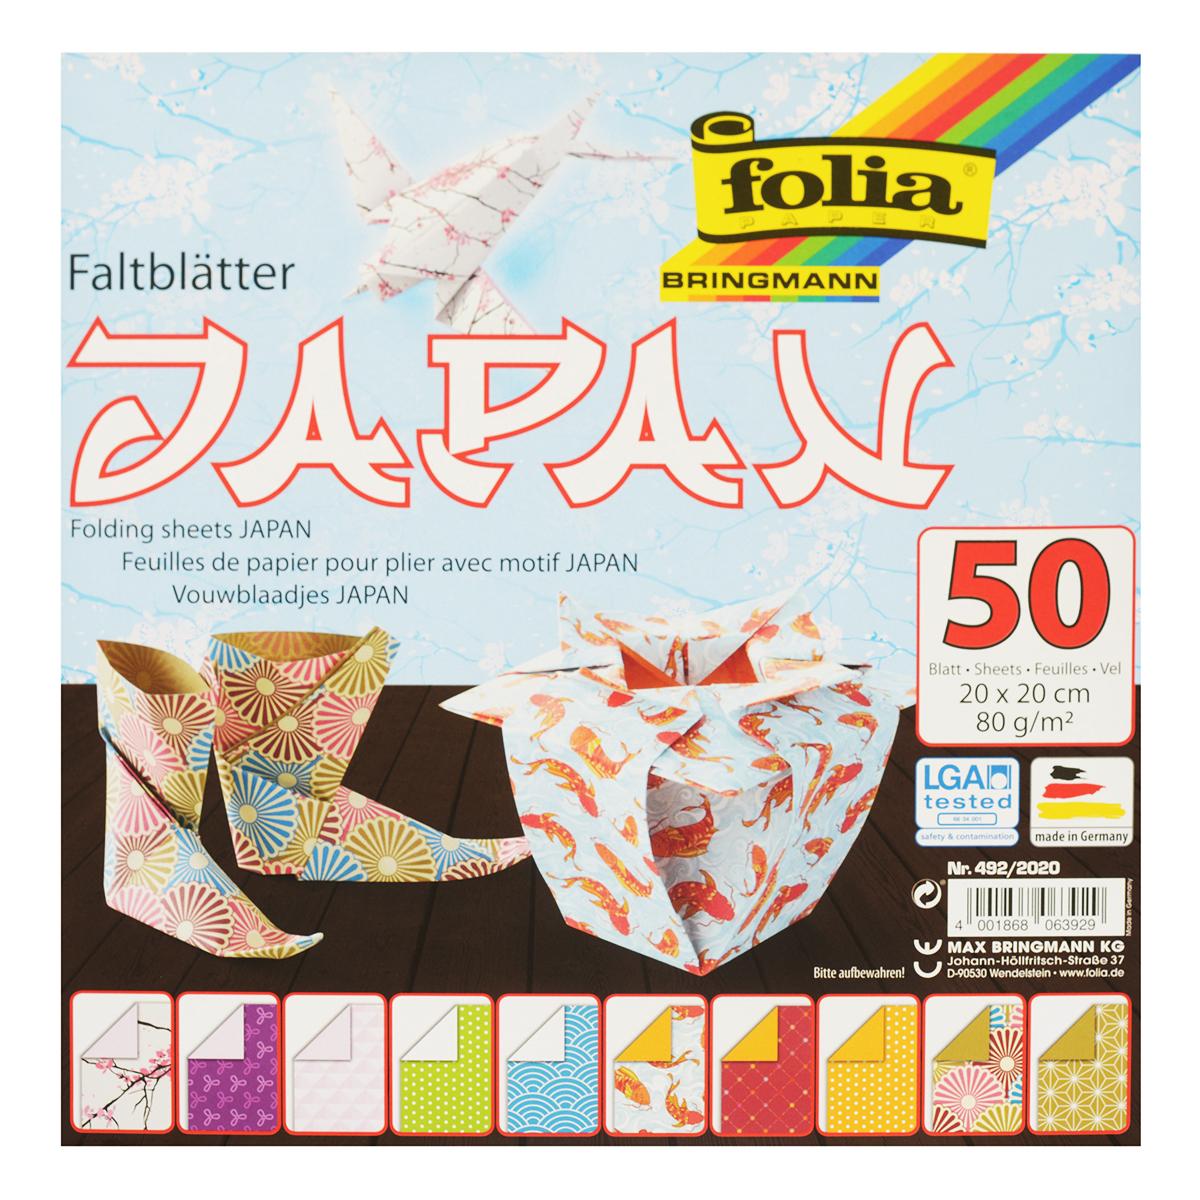 Бумага для оригами Folia Япония, цвет: сиреневый, голубой, желтый, 20 х 20 см, 50 листов